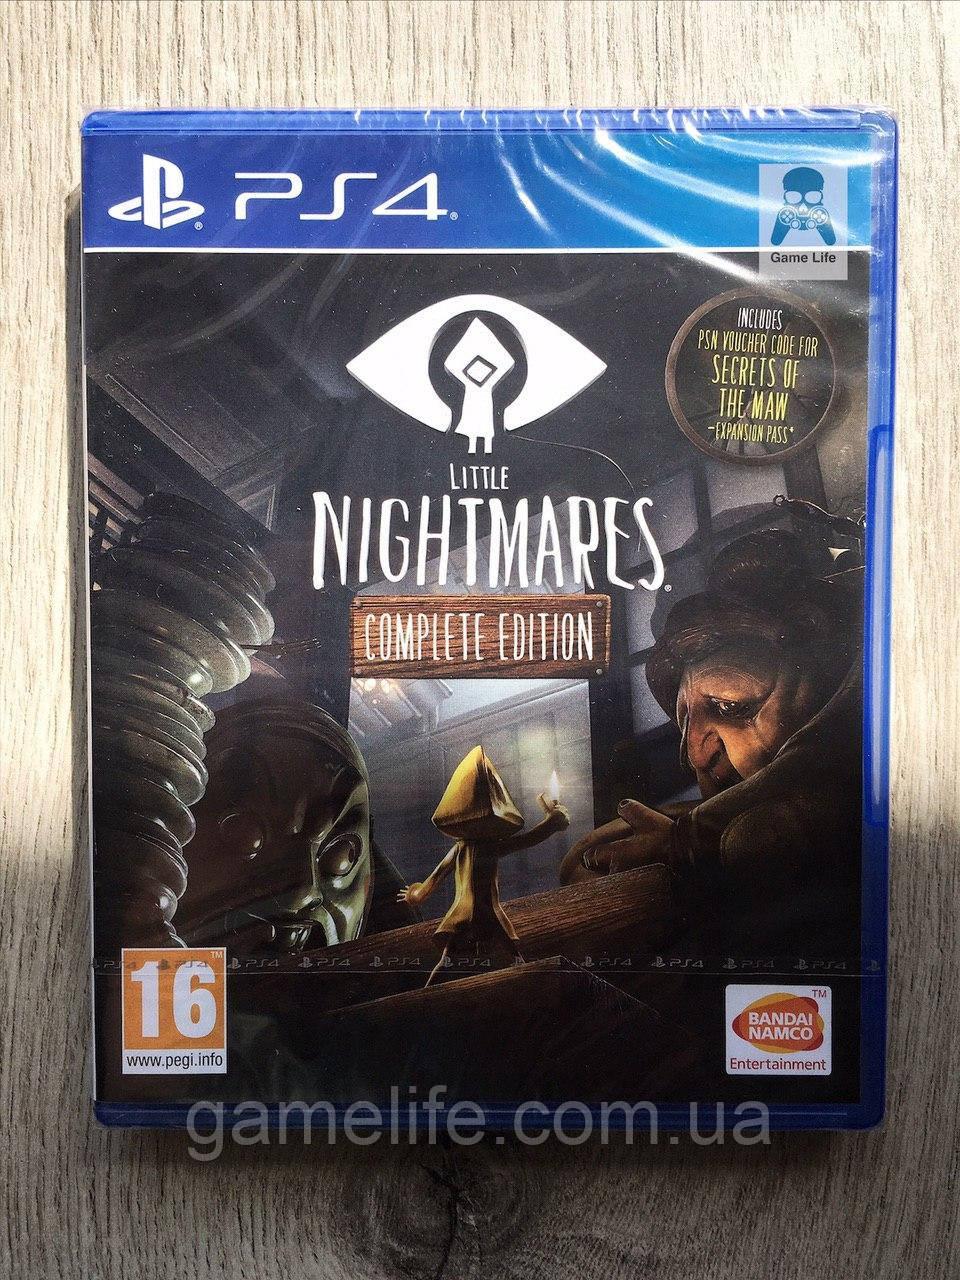 Little Nightmares Complete Edition (рус. суб.) PS4